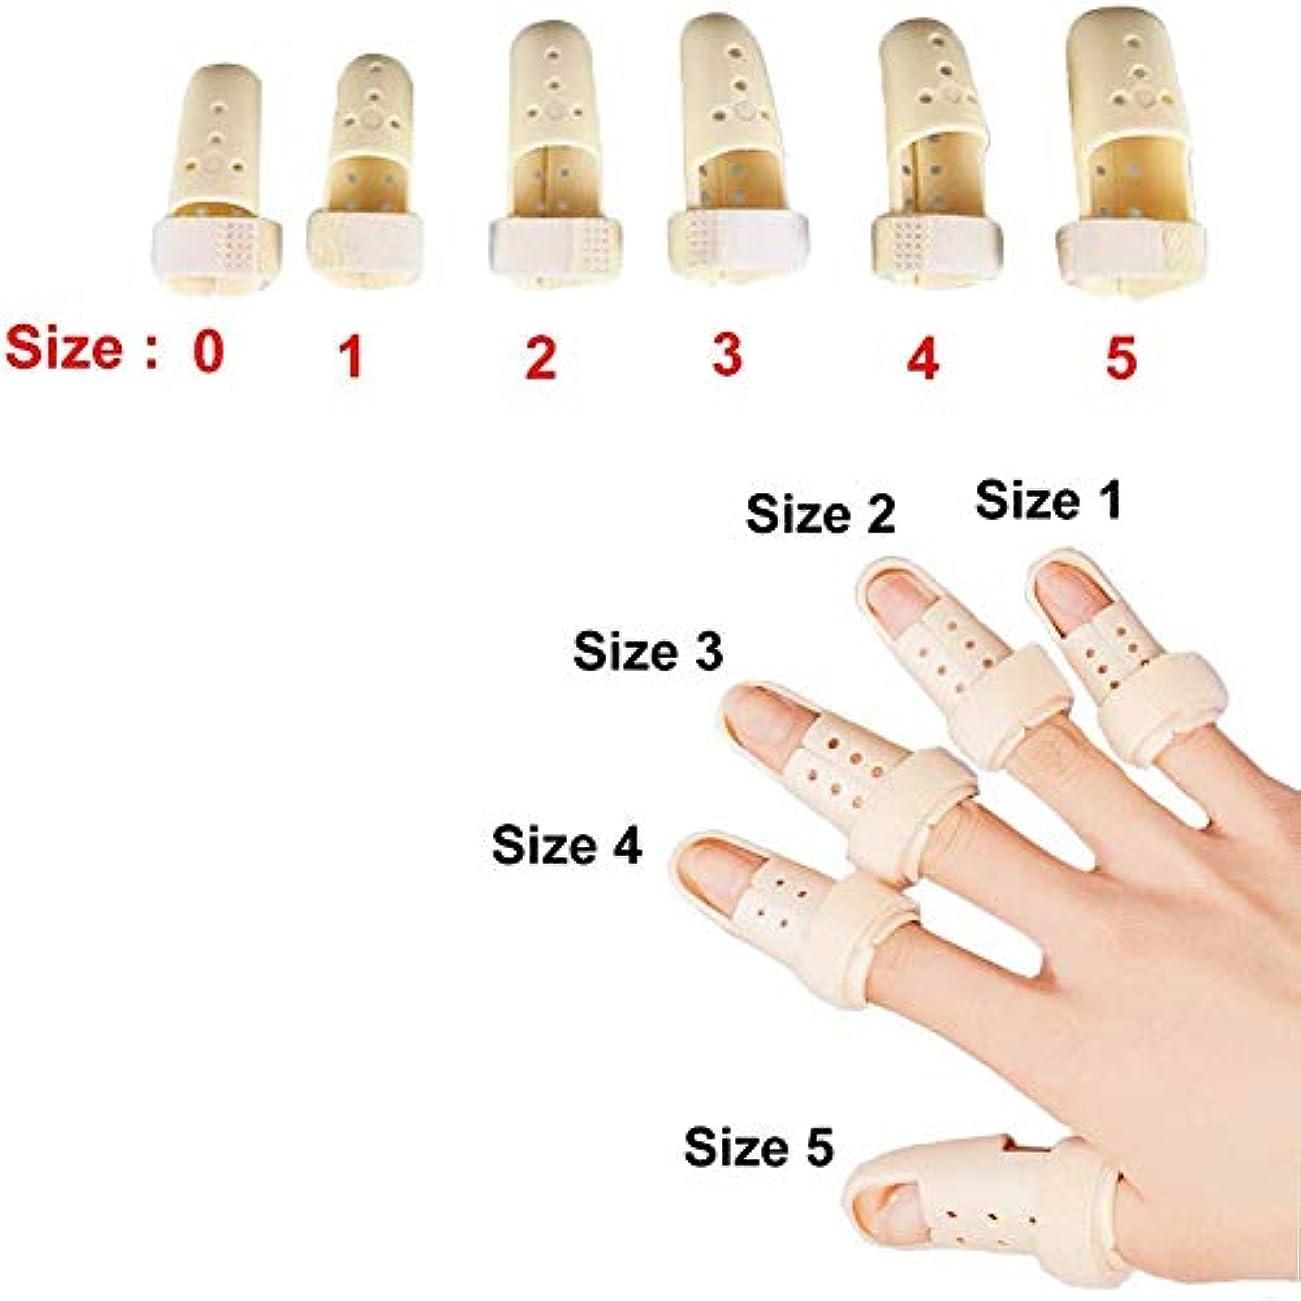 ピケバケット前投薬痛みのための親指スピカサポートブレース - フィンガースプリント、リバーシブル親指スタビライザー、関節炎サムスプリント (Size : XXL)